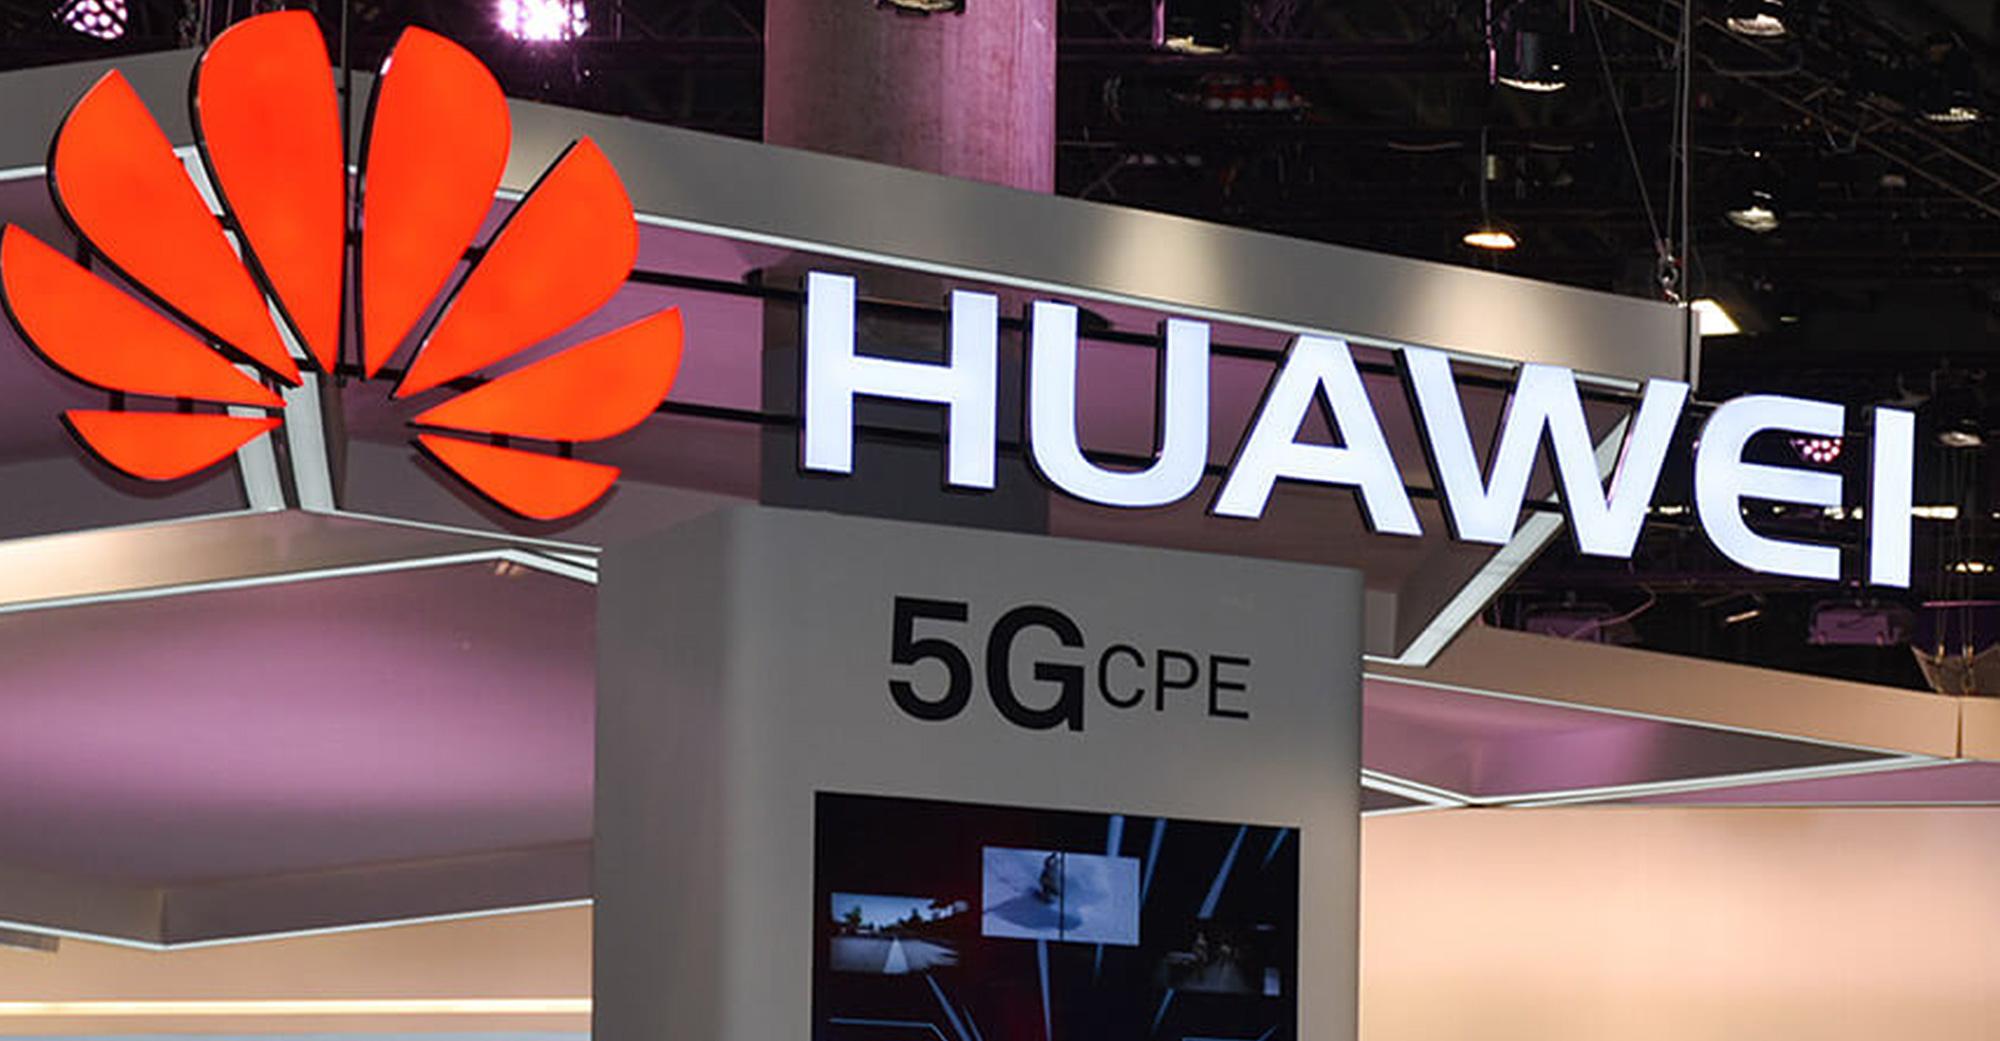 هواوي تعمل على تلفاز بدقة 8K مدعوم بتقنية اتصال الجيل الخامس